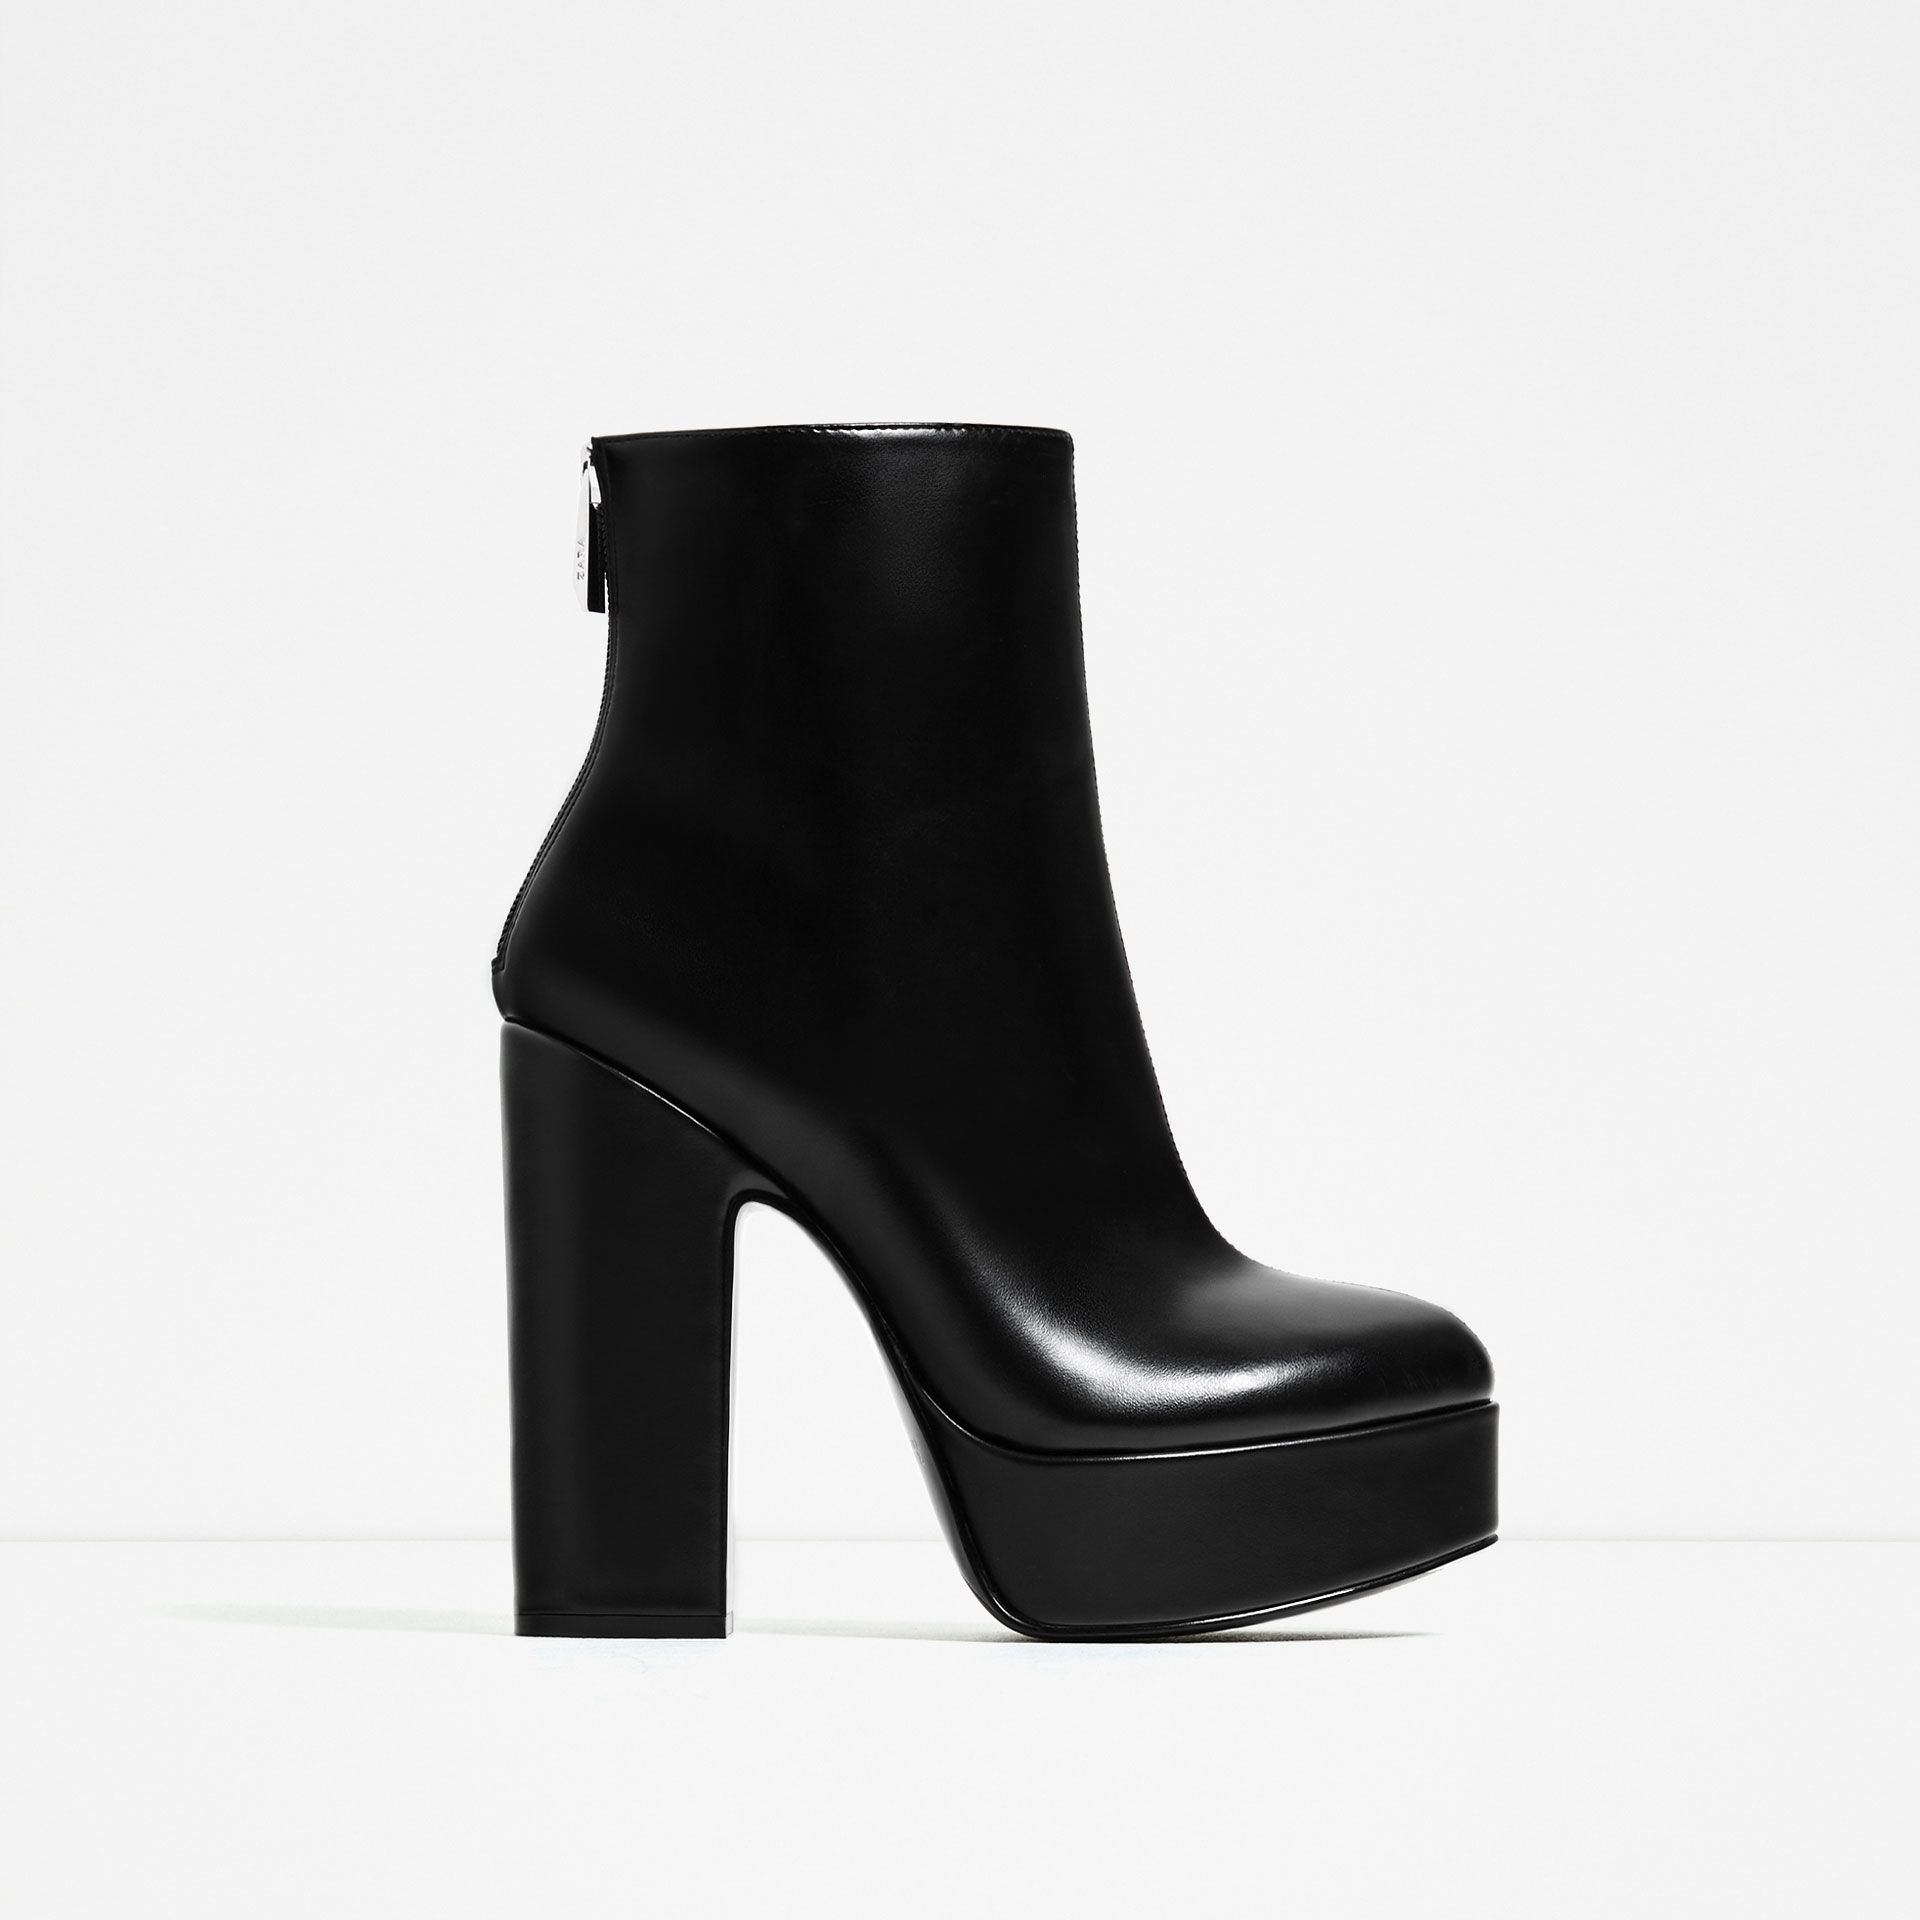 cheaper 6a0f5 0a45a ABSATZSTIEFELETTE MIT PLATEAU | ZARA in 2019 | Shoes, Zara ...